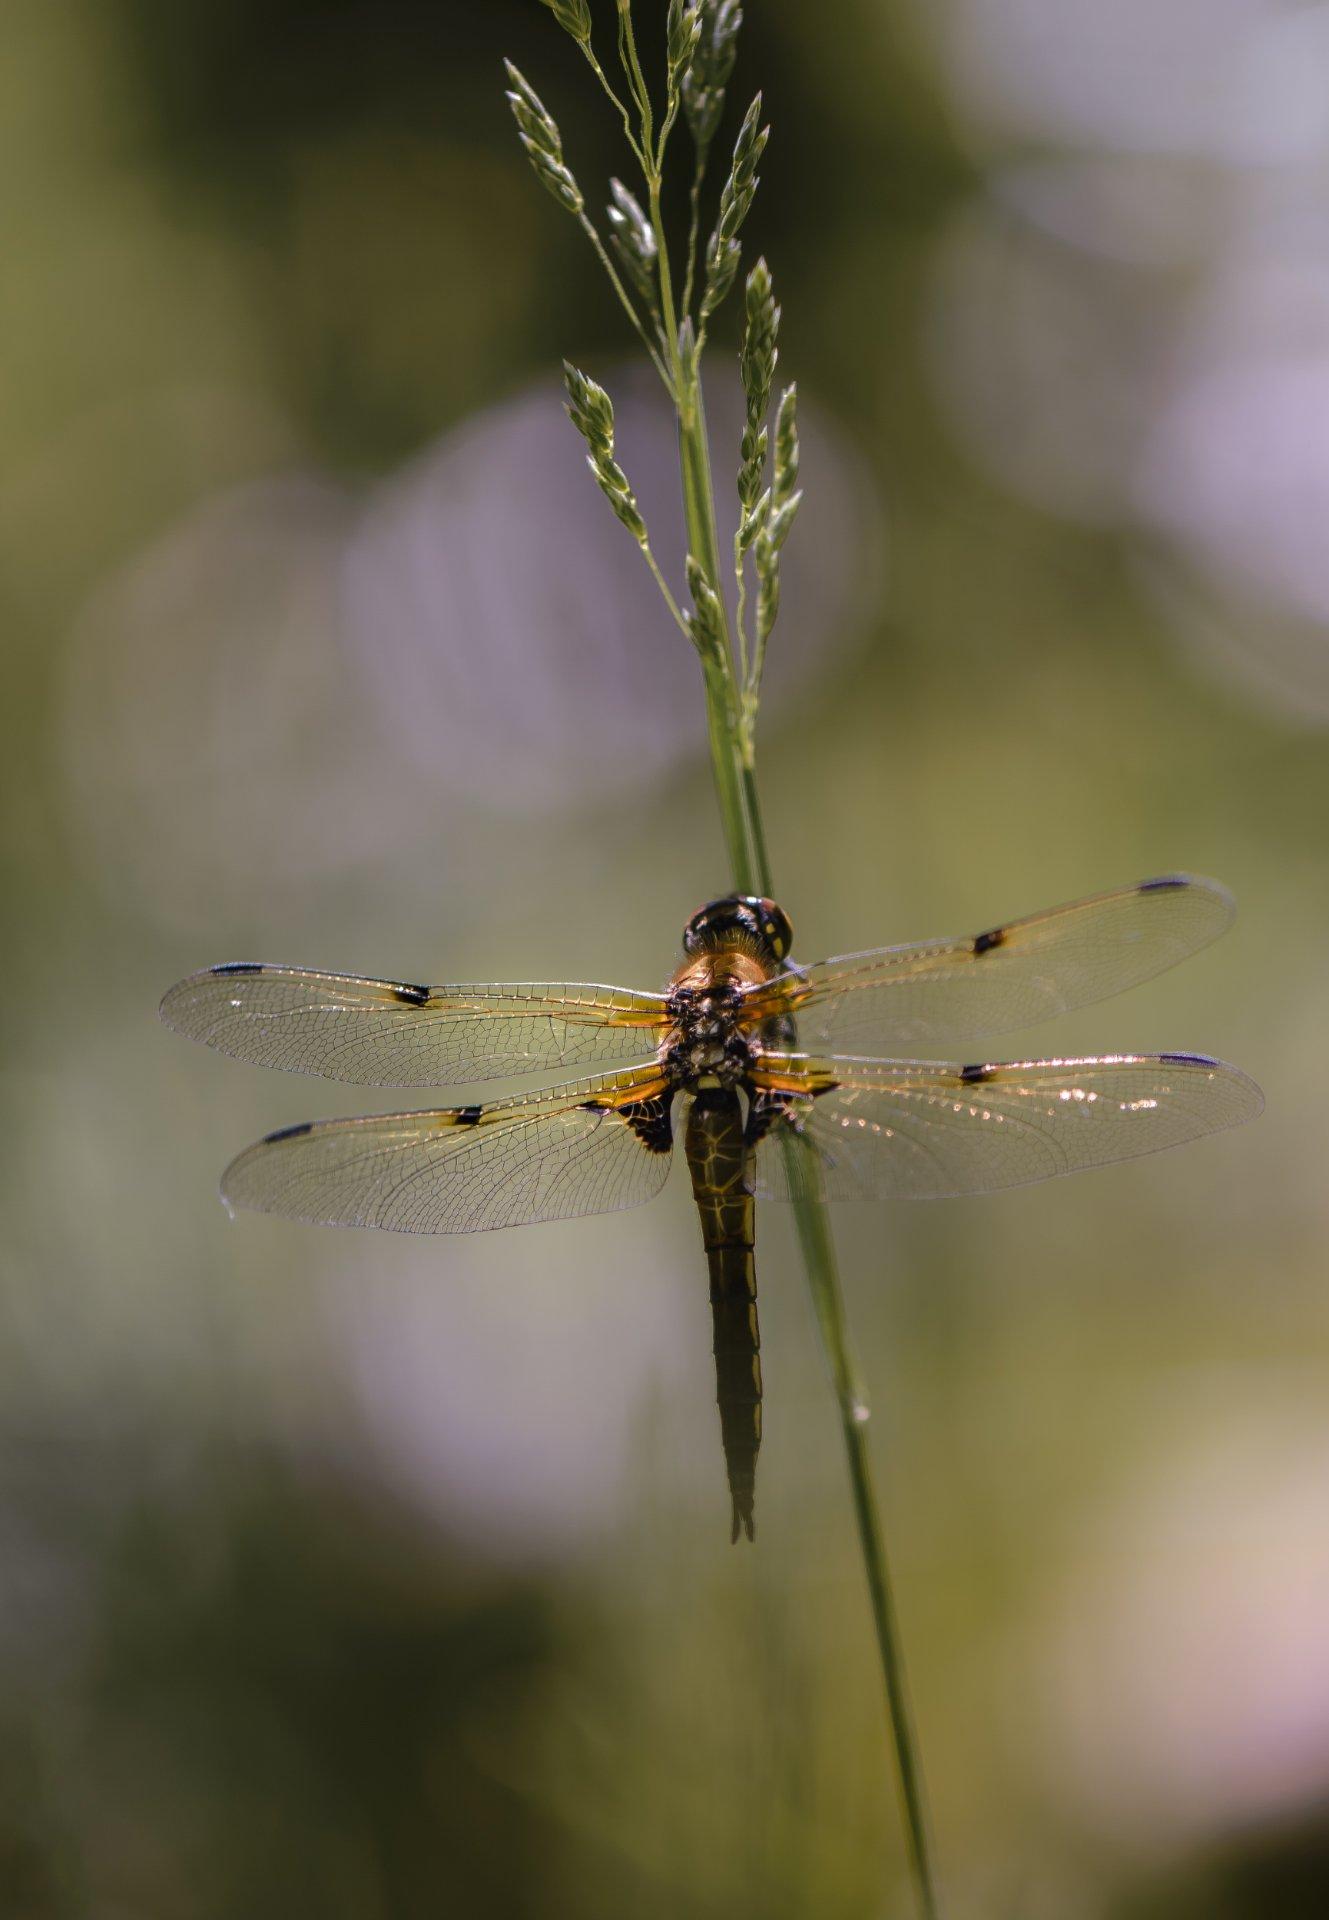 природа, макро, насекомое, стрекоза,, Неля Рачкова